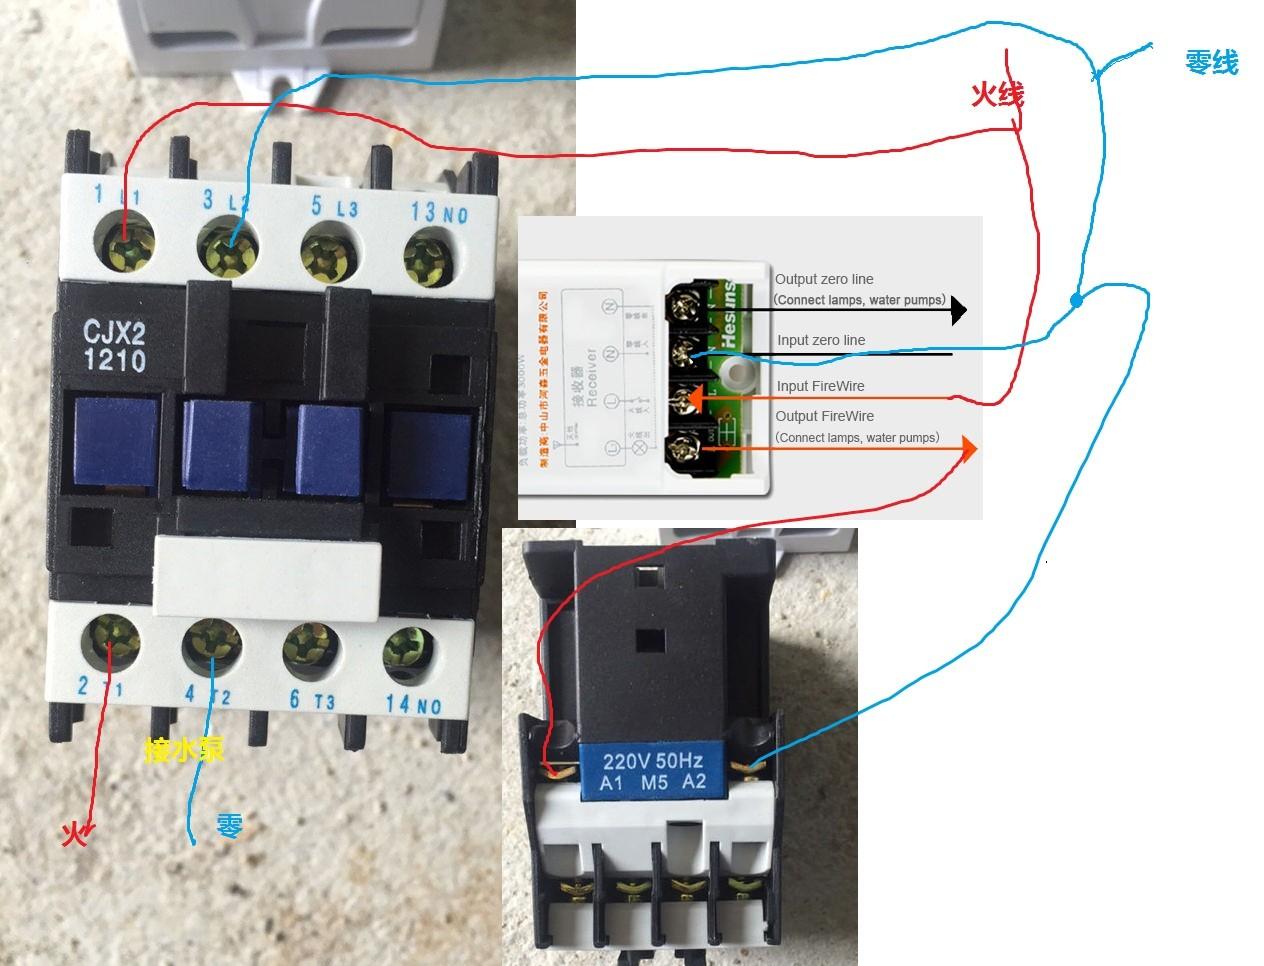 遥控开关加交流接触器接220v水泵 怎么接线